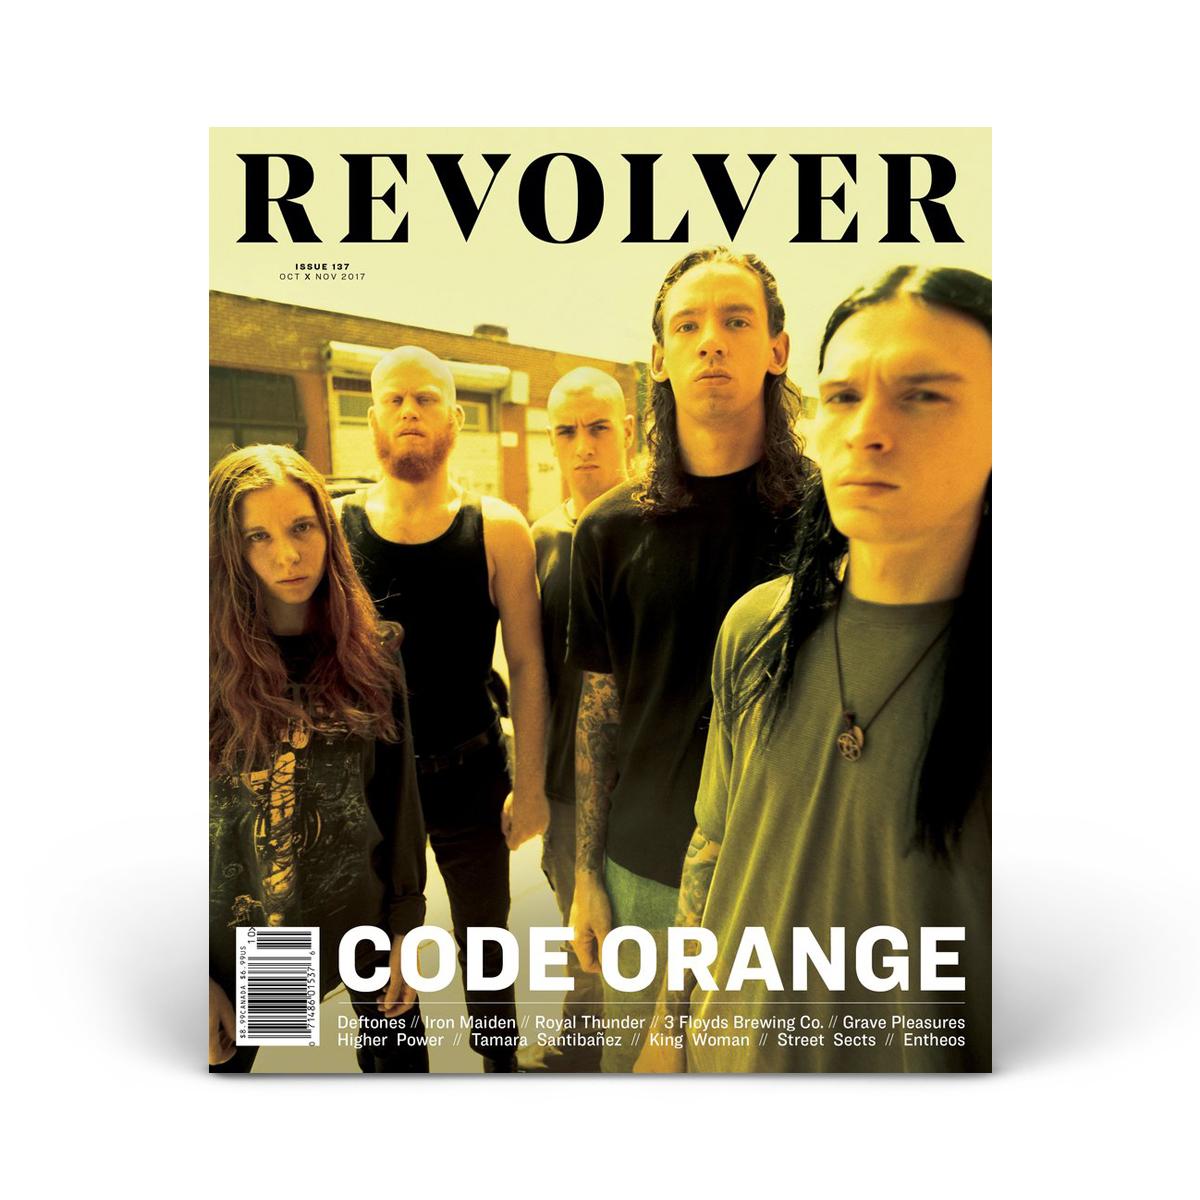 Code Orange Collector's Bundle